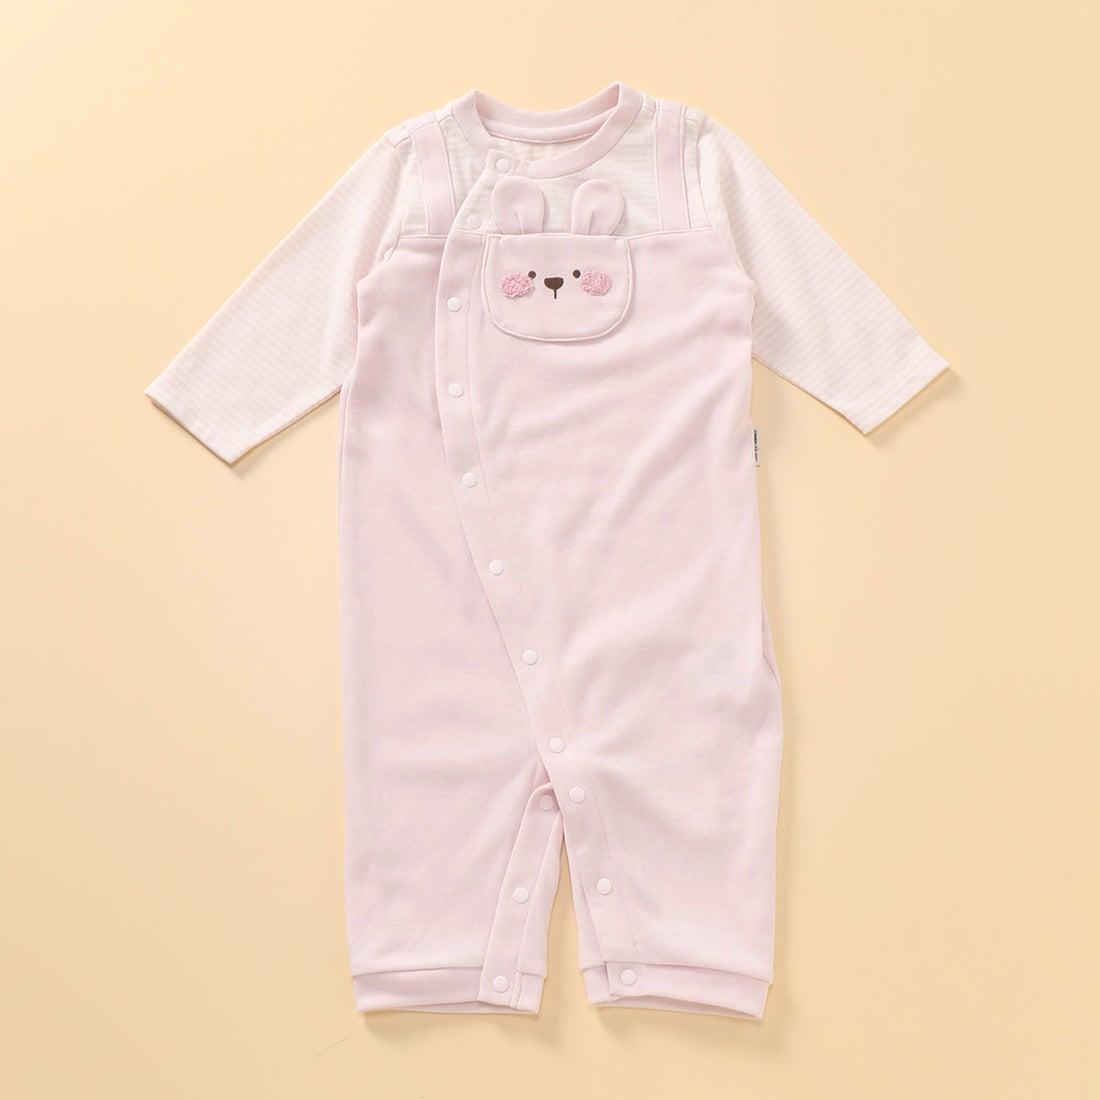 コムサイズム COMME CA ISM 動物アップリケ付き 長袖ツーウェイオール(50-70サイズ) (ピンク)